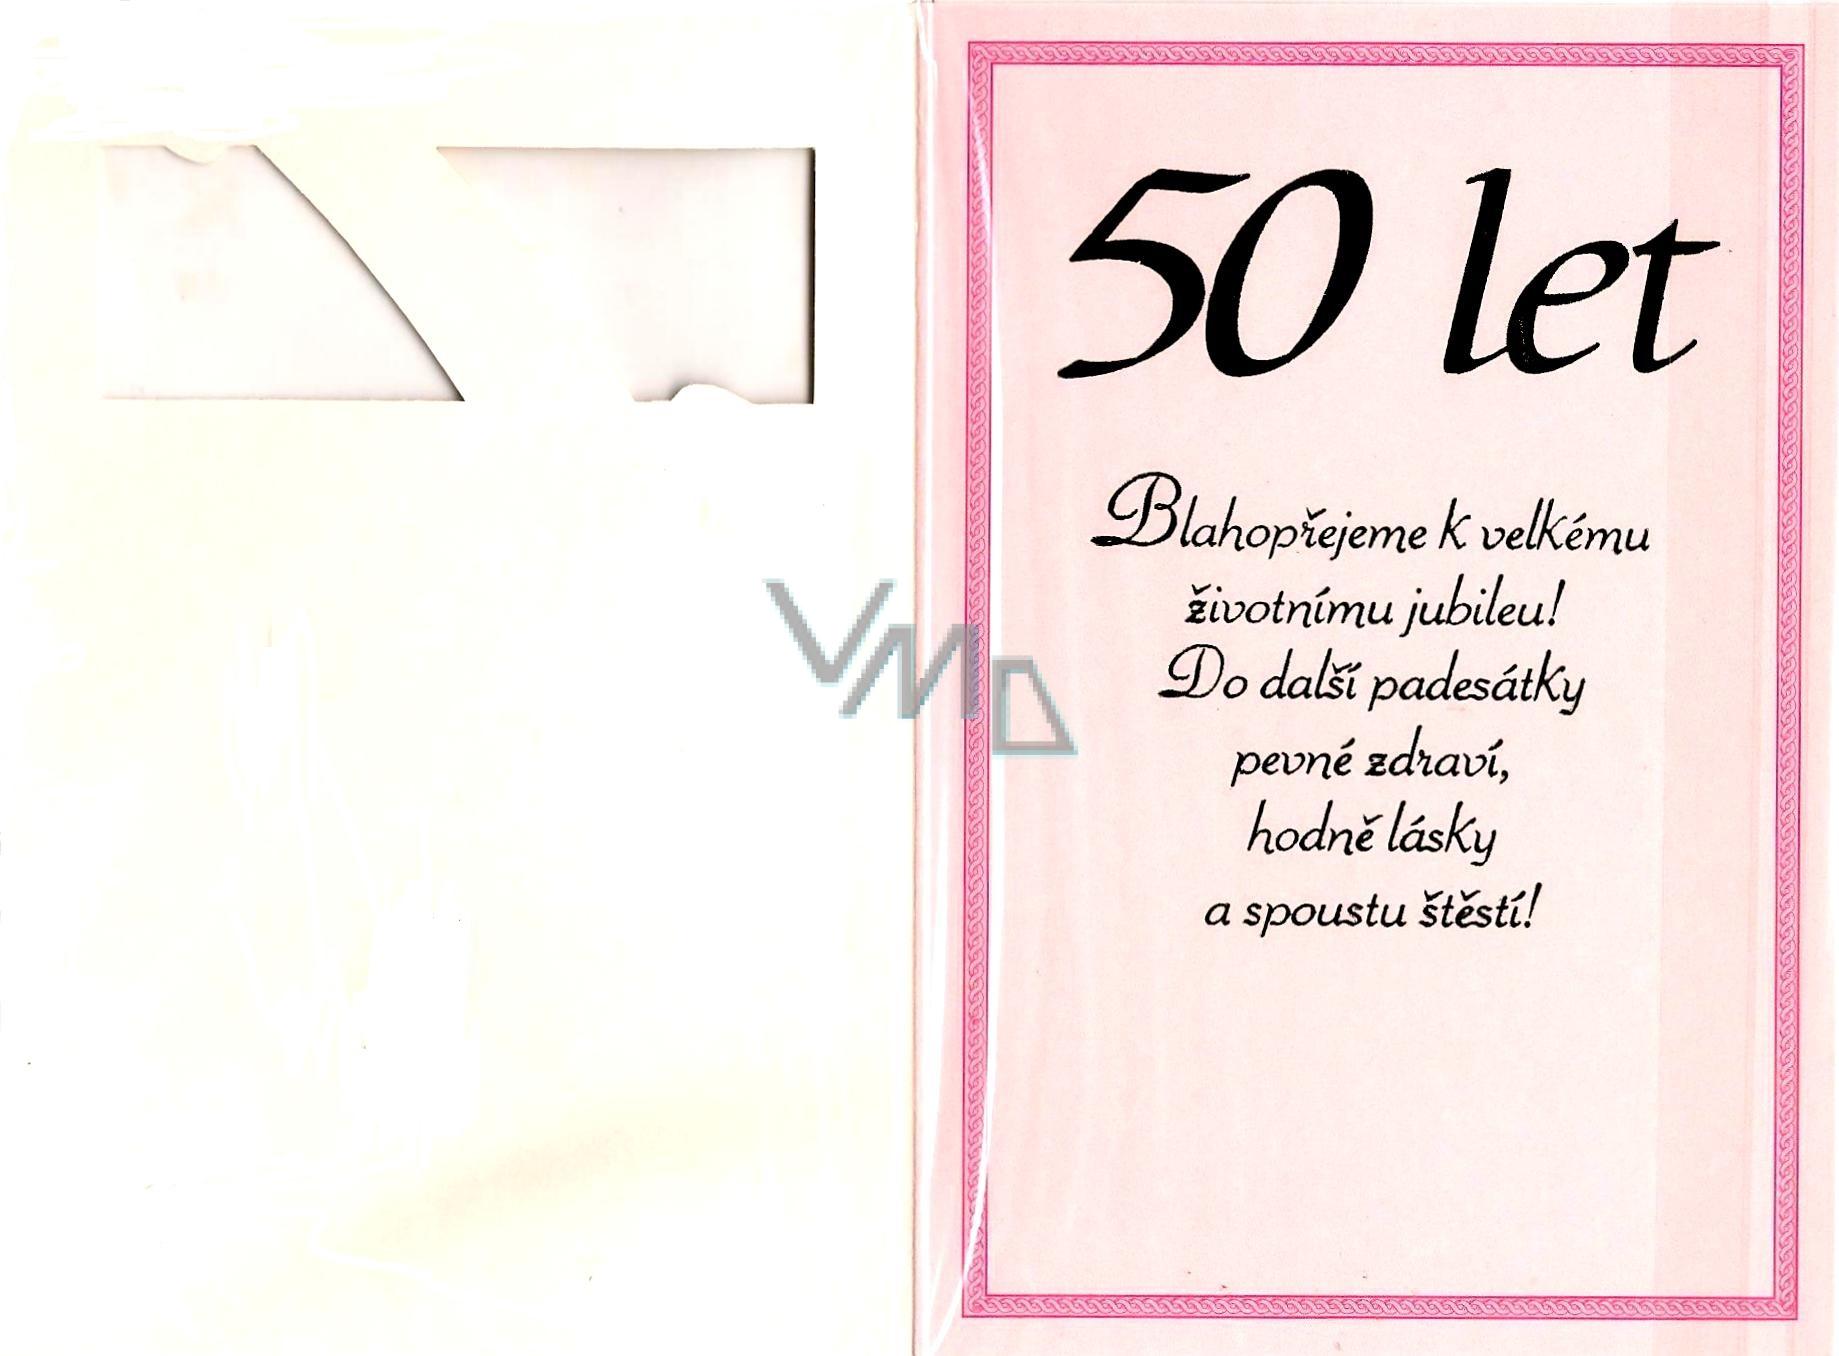 přání k narozeninám 50 let Nekupto Přání k narozeninám 50 let   VMD parfumerie   drogerie přání k narozeninám 50 let